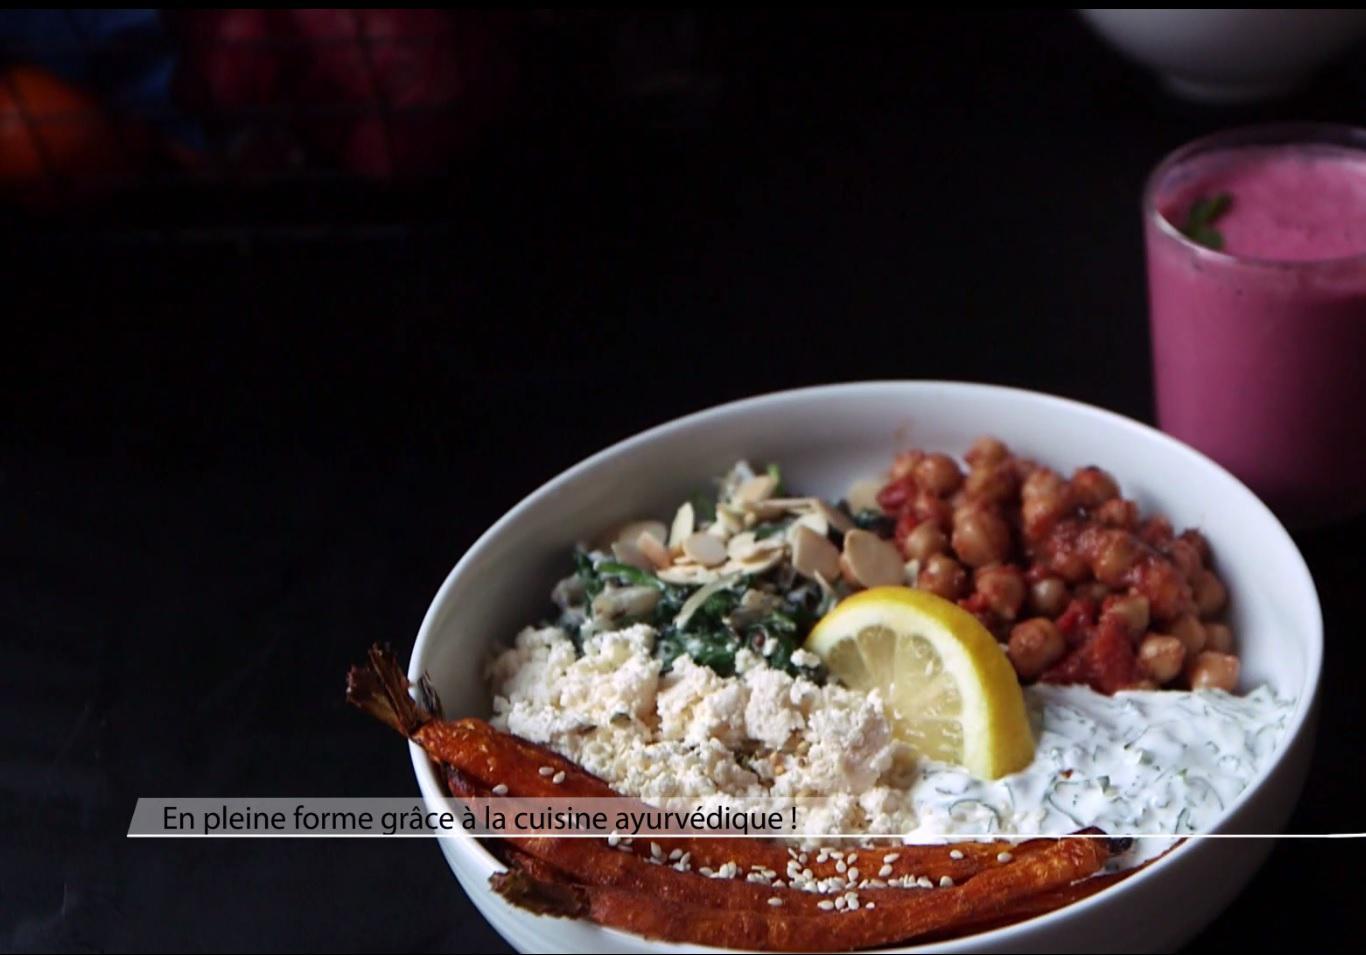 La cuisine ayurv dique elle - Recette cuisine ayurvedique ...